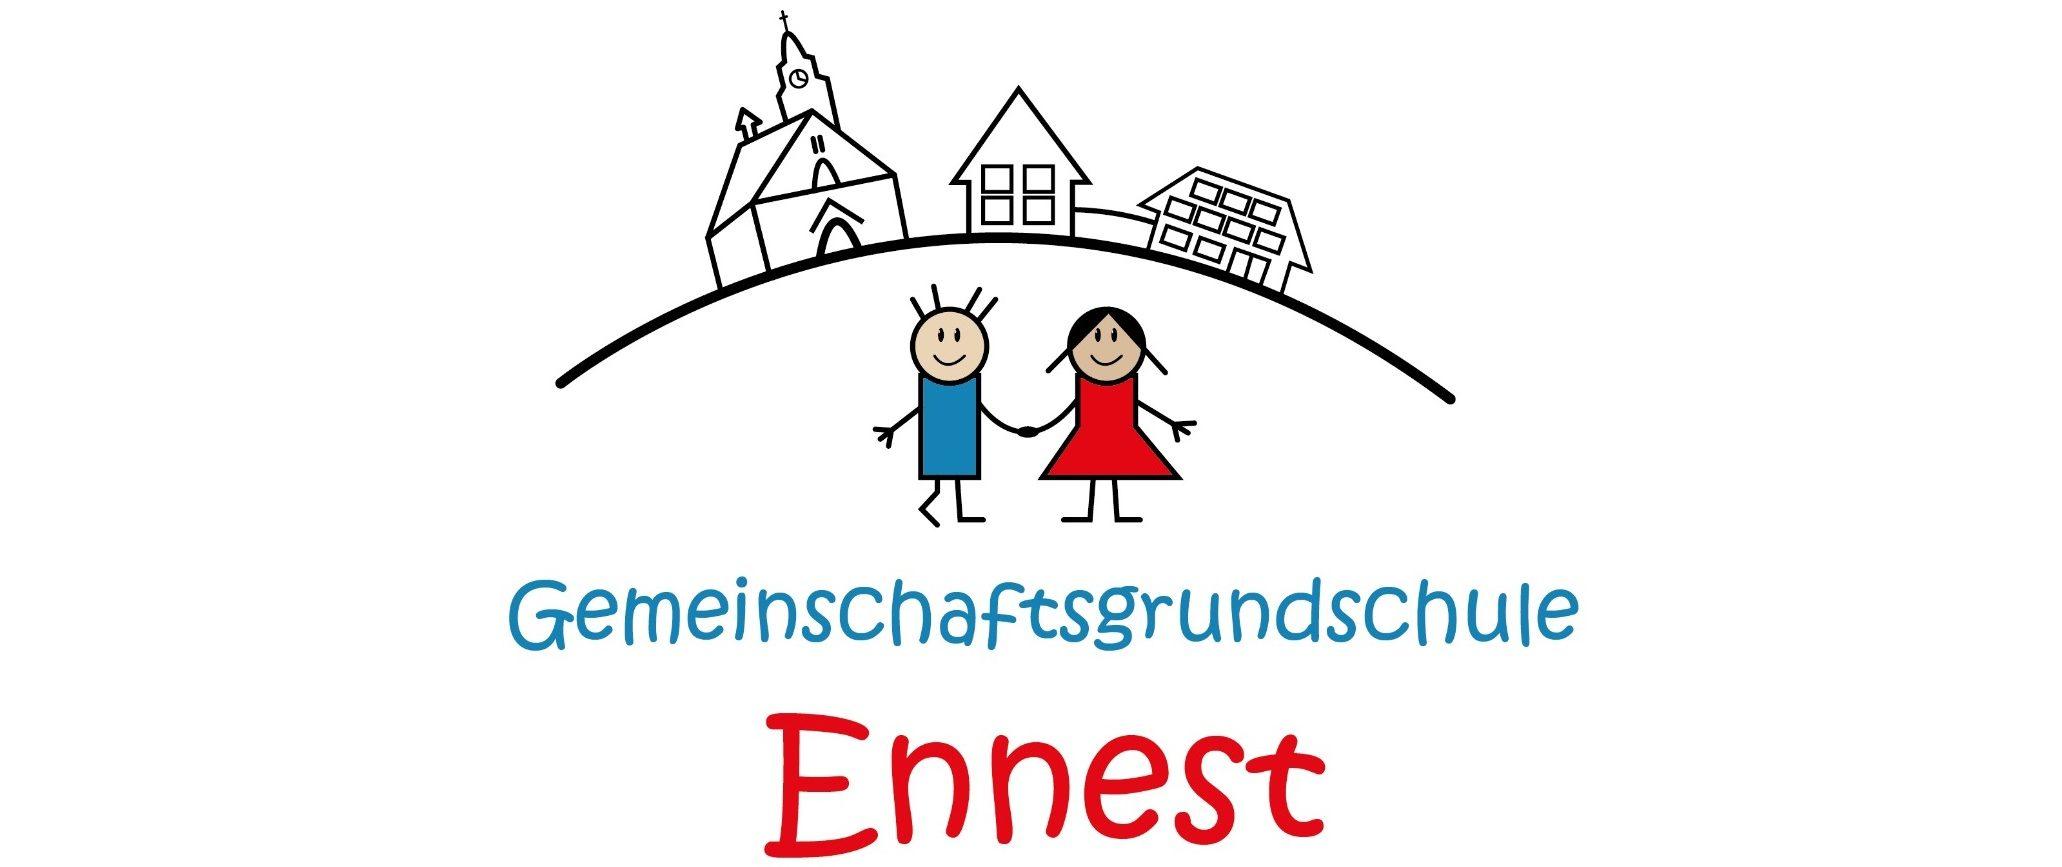 Gemeinschaftsgrundschule Ennest